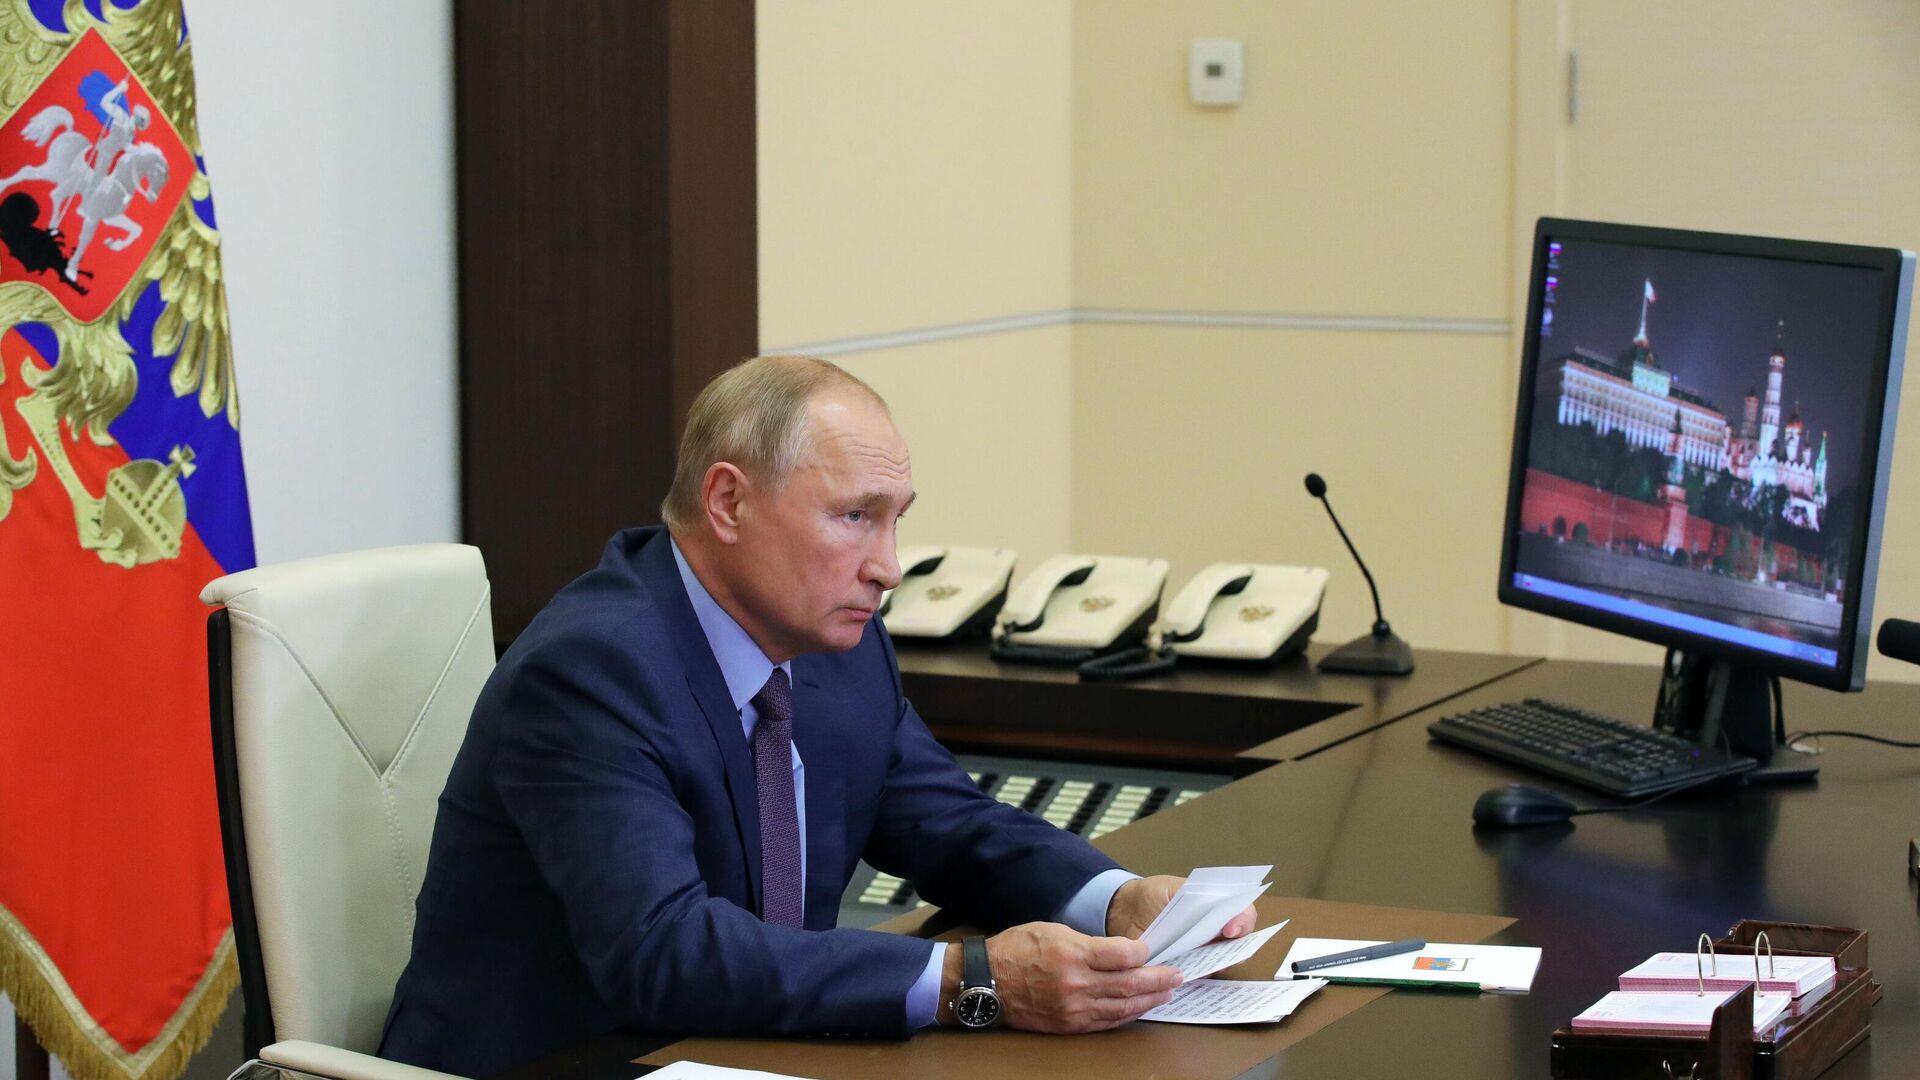 Президент РФ В. Путин провел совещание по ликвидации последствий наводнения в Иркутской области в 2019 году - РИА Новости, 1920, 08.09.2020